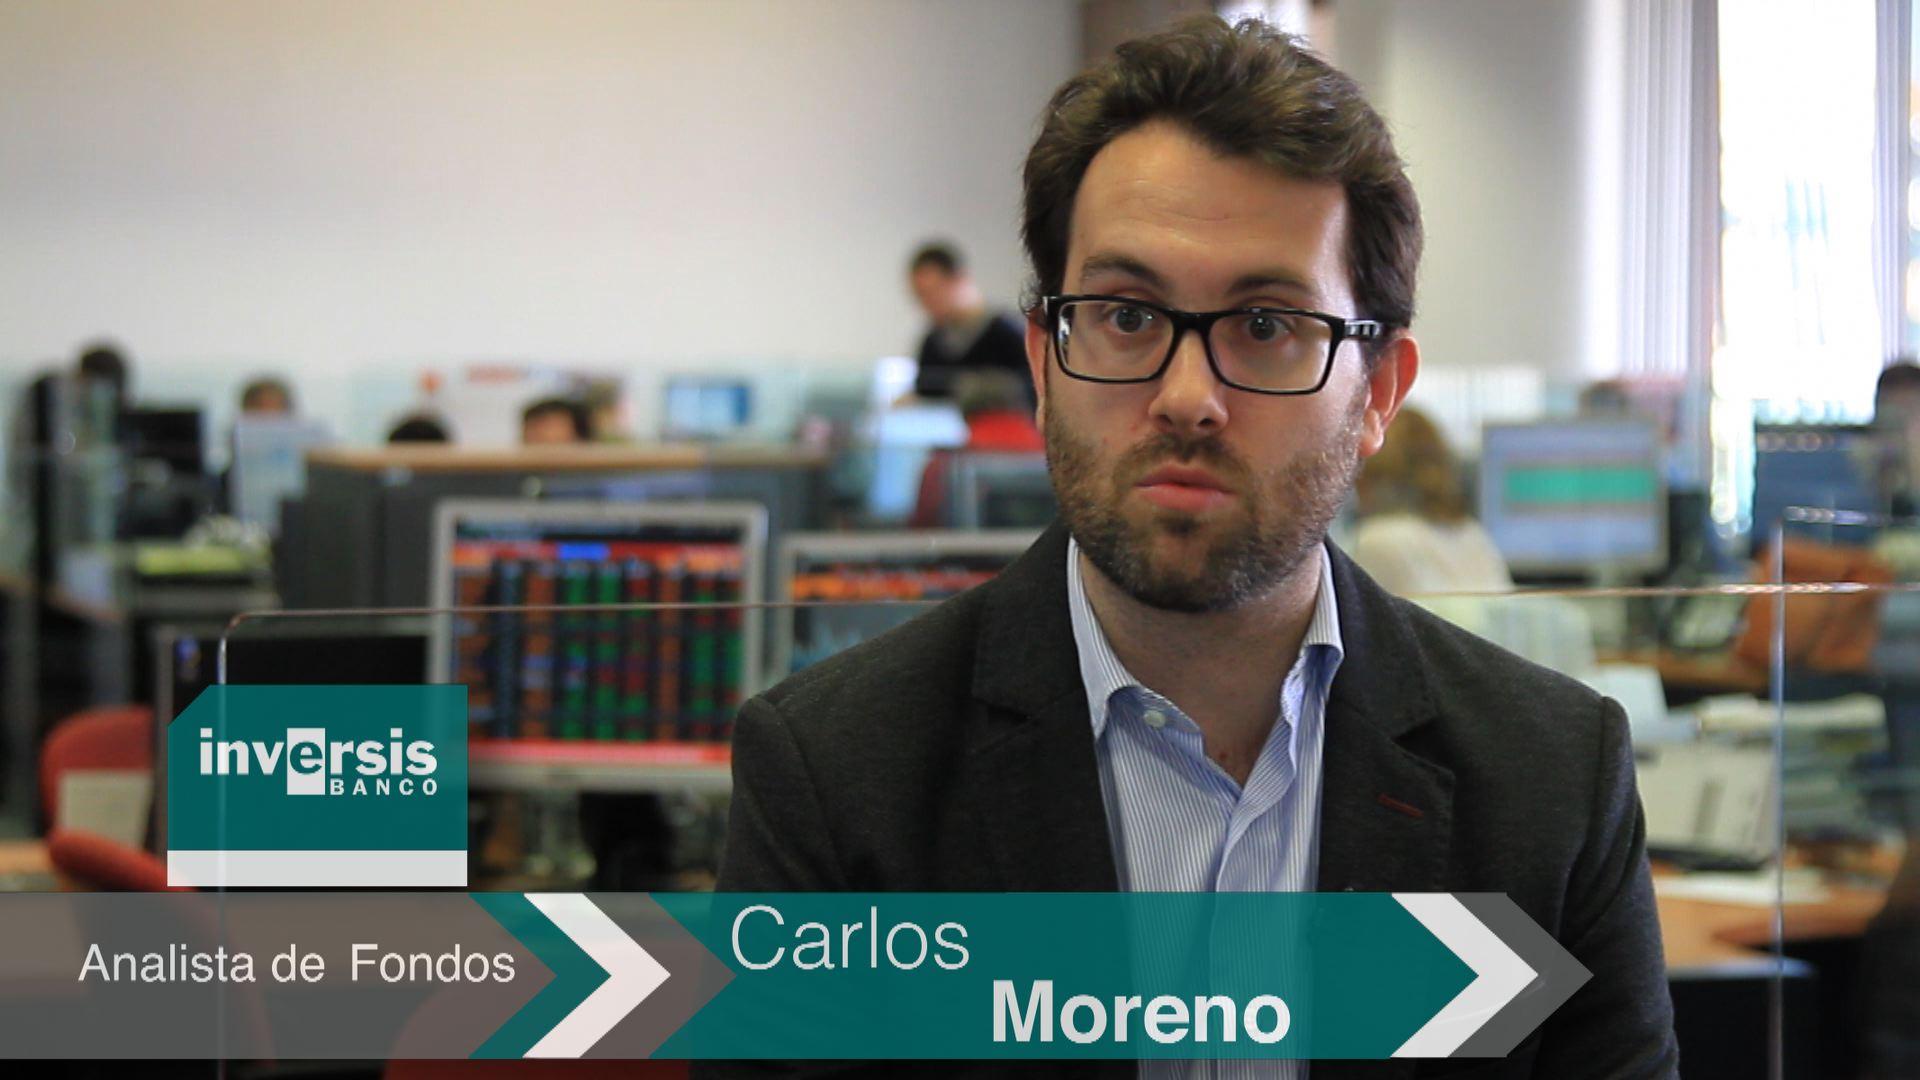 La necesidad de tener un plan de pensiones aun siendo joven, por Carlos Moreno